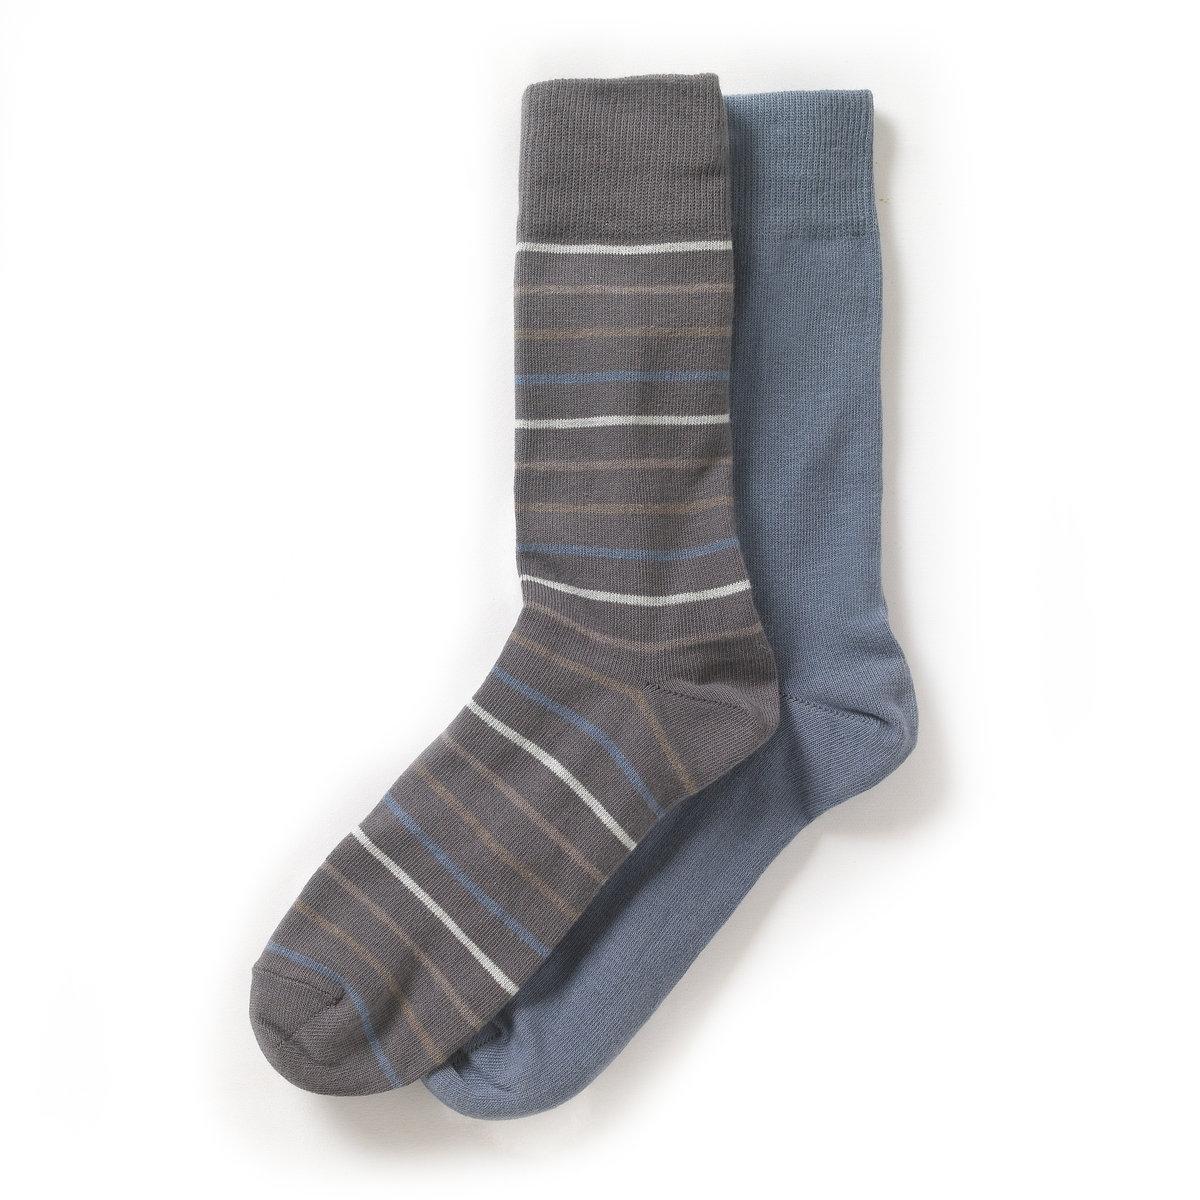 Комплект из 2 пар носковНоски: 74% хлопка, 25% полиамида, 1% эластана.  В комплекте 2 пары носков.<br><br>Цвет: серо-синий + в полоску серый,серо-синий + в полоску черный,черный+в полоску черный